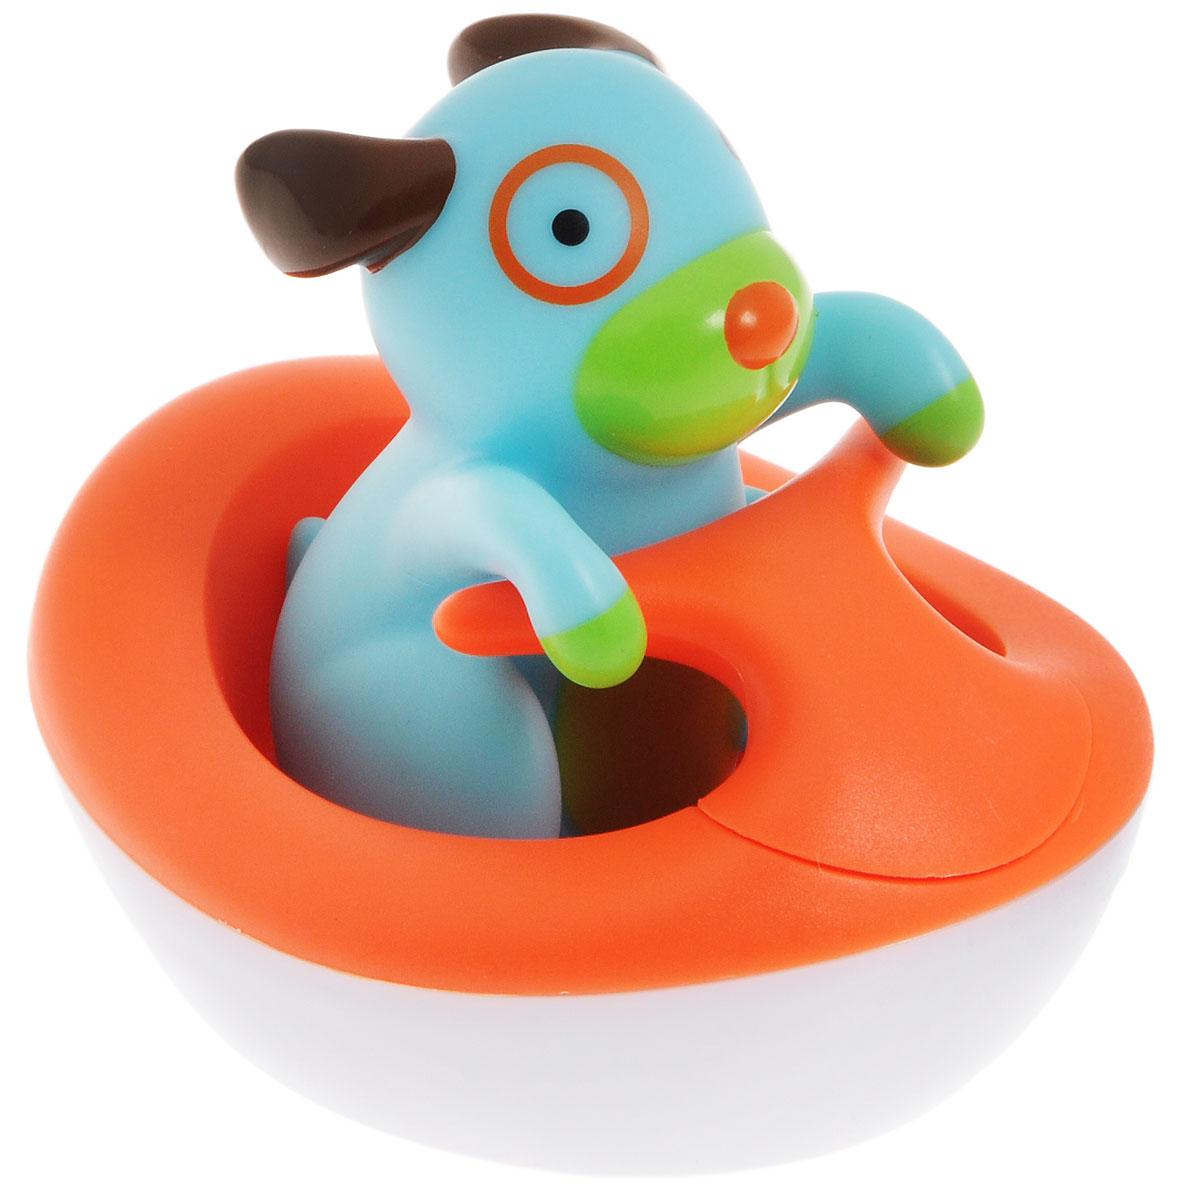 Skip Hop Игрушка для ванной Щенок на гидроциклеSH 235353Игрушка для ванной Skip Hop Щенок на гидроцикле понравится вашему ребенку и развлечет его во время купания. Игрушка выполнена из безопасного материала в виде гидроцикла с фигуркой щенка в нем. Фигурка съемная. При замыкании контактов на дне гидроцикла раздается лай, звук мотора и плеск воды. Игрушка для ванной способствует развитию звукового и цветового восприятия, тактильных ощущений. Она превратит купание в настоящий праздник! Для работы игрушки необходима 1 батарейка напряжением 3 V типа CR2032 (товар комплектуется демонстрационной).